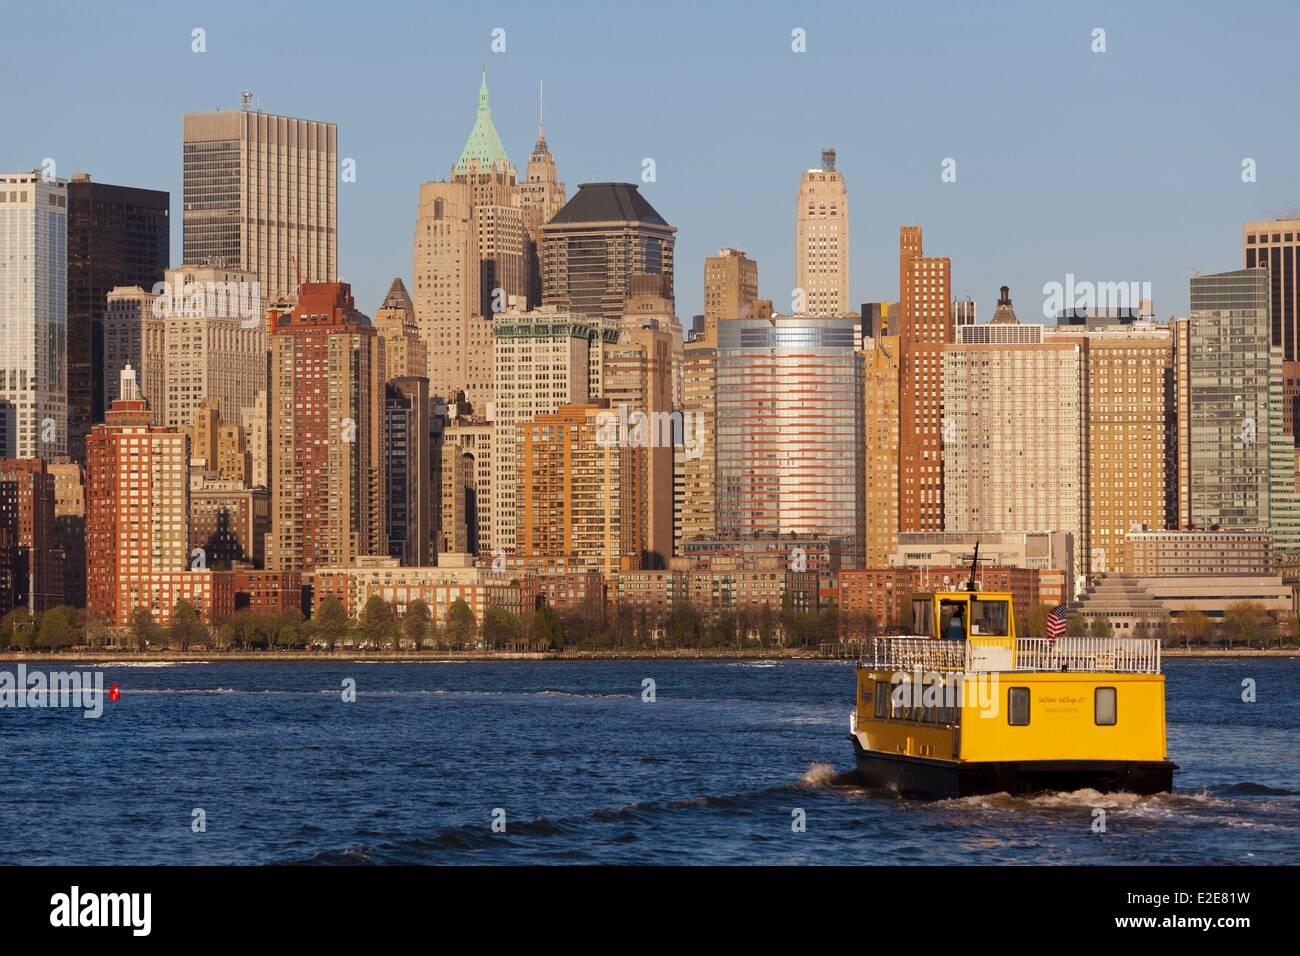 Estados Unidos, Nueva York, Manhattan, un taxi en barco por el río Hudson desde Manhattan a Jersey City. Imagen De Stock